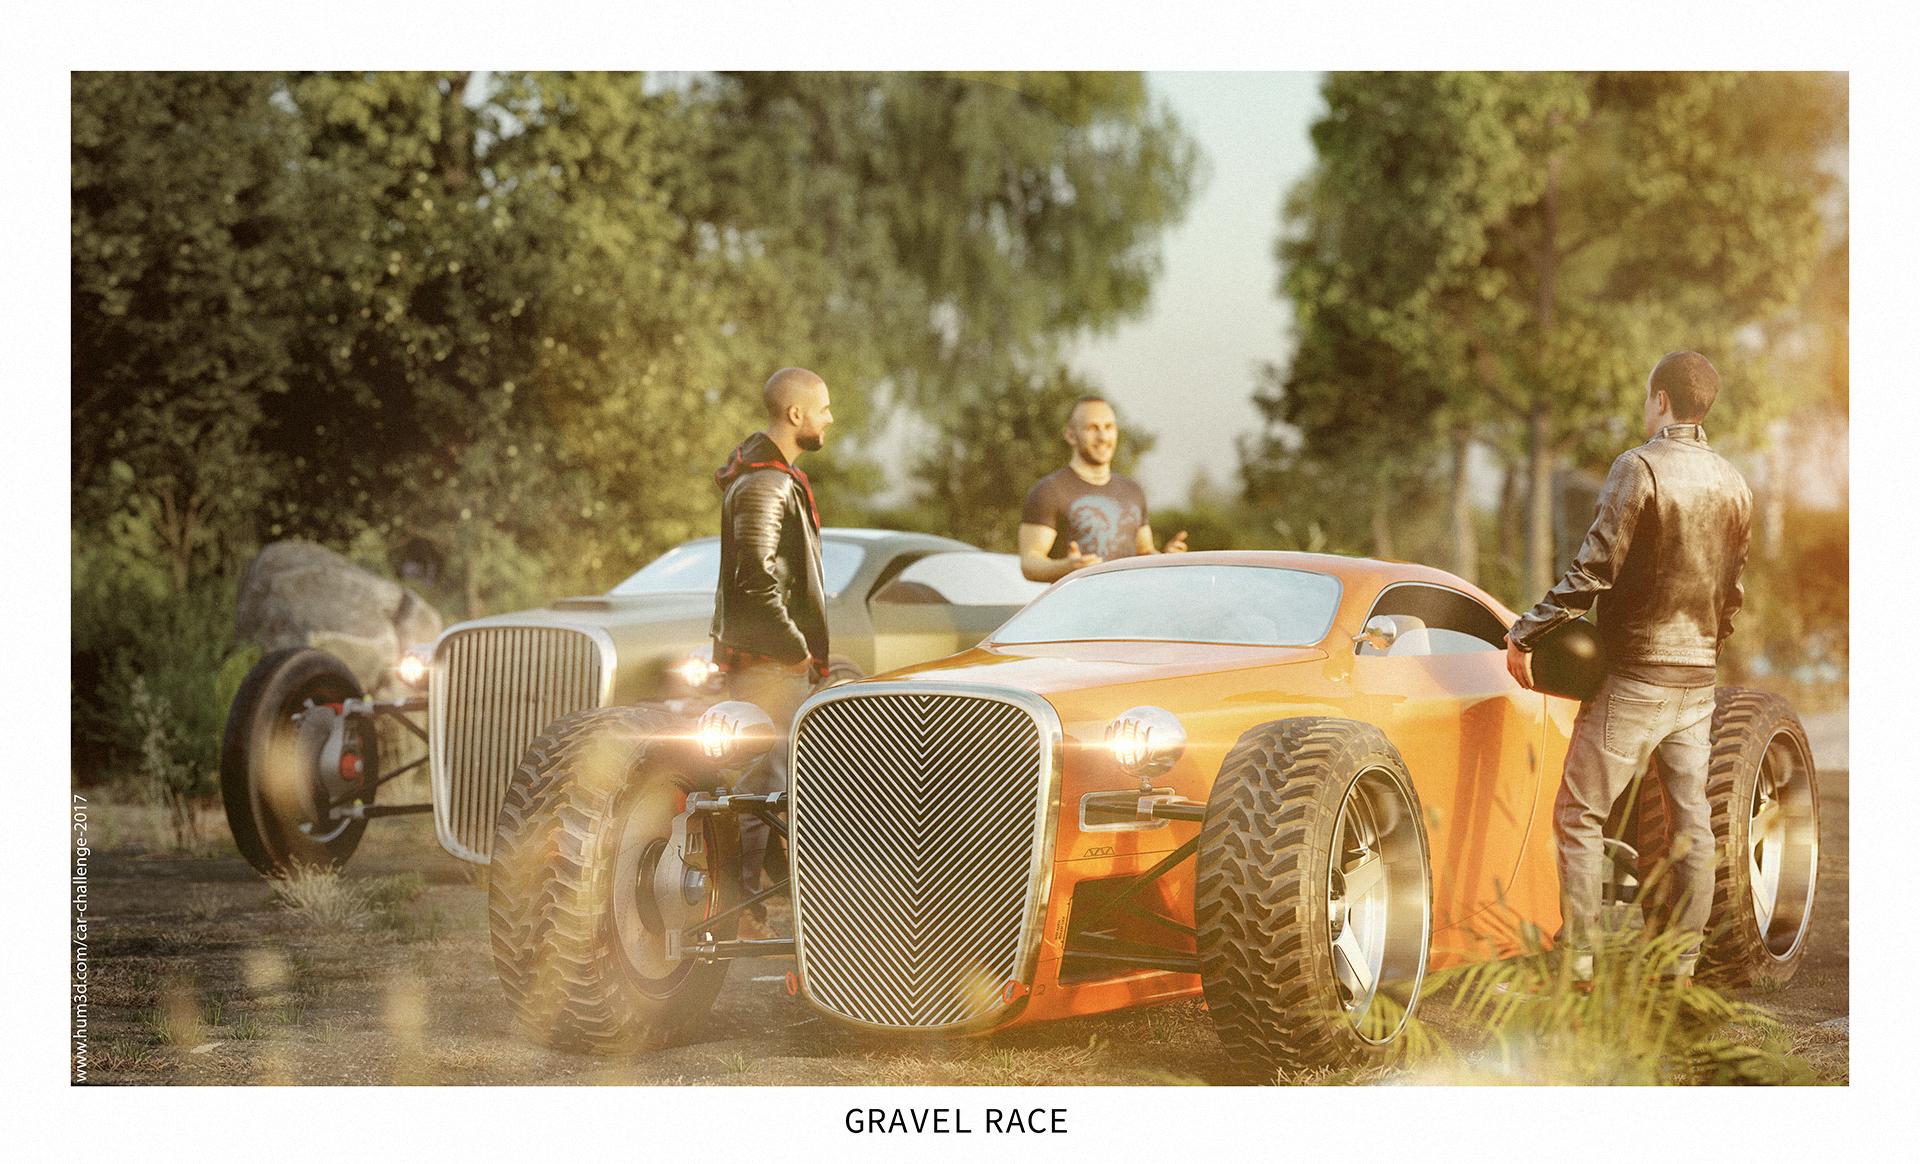 Gravel Race